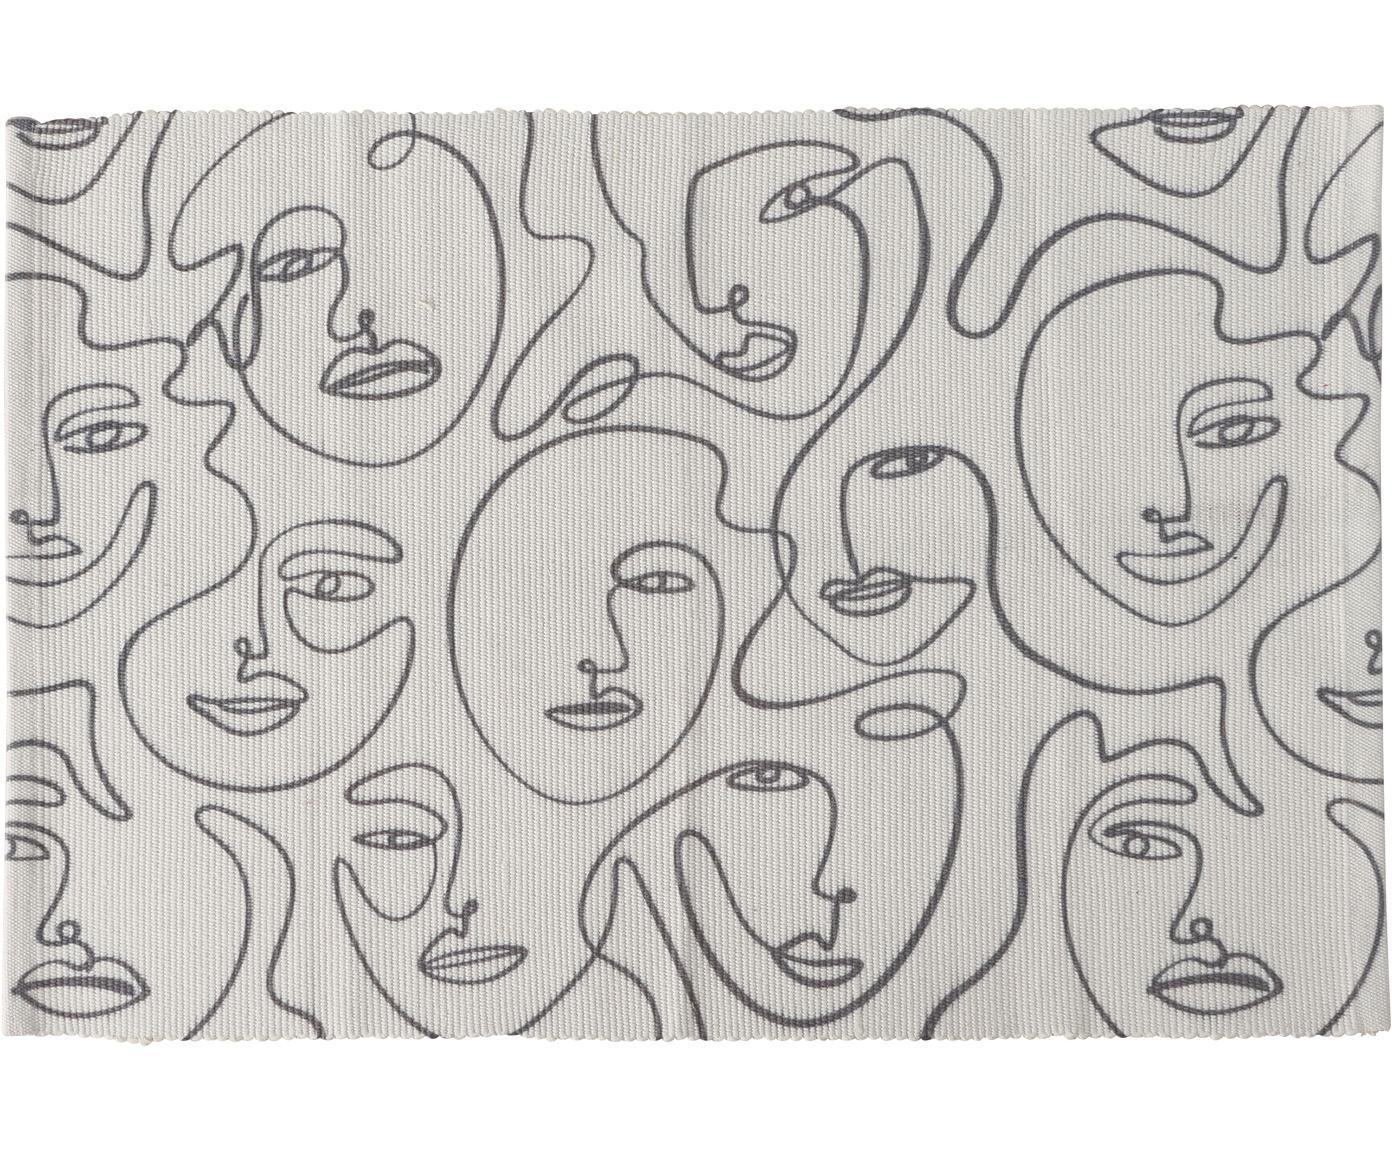 Teppich Picas mit abstrakter One Line Zeichnung, 50% Baumwolle, 50% Polyester, Gebrochenes Weiss, Schwarz,, B 60 x L 90 cm (Grösse XXS)